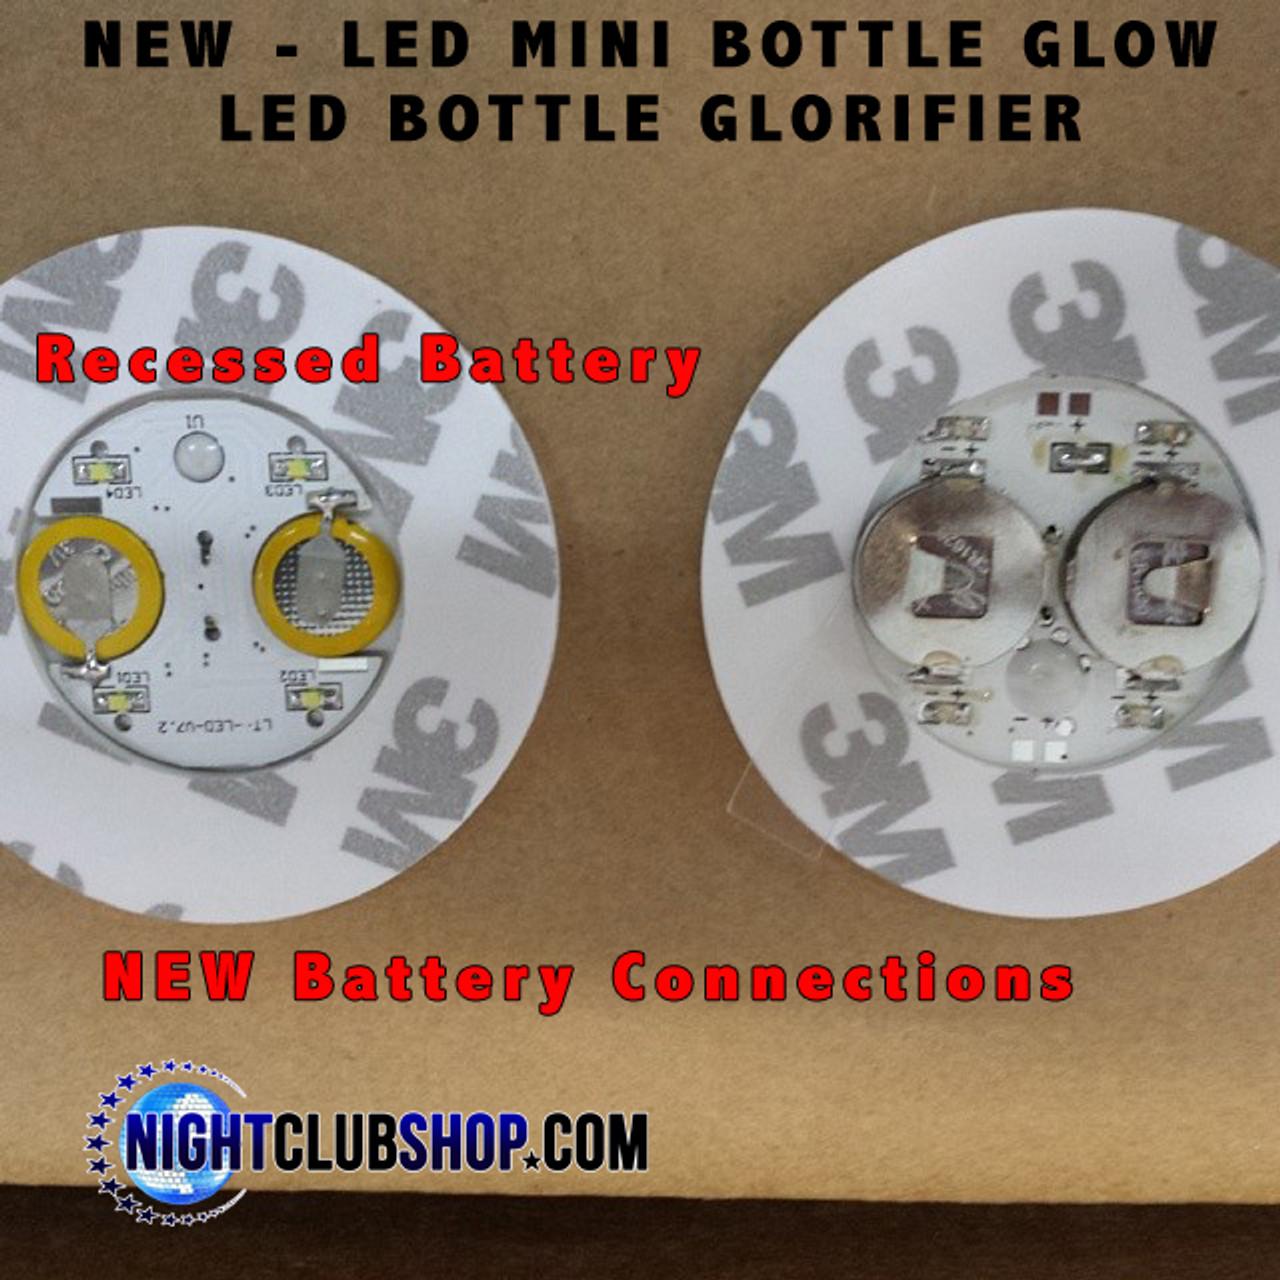 NEW, Stick, Coaster, LED , Glorifier, bottle, Glow, light, up,